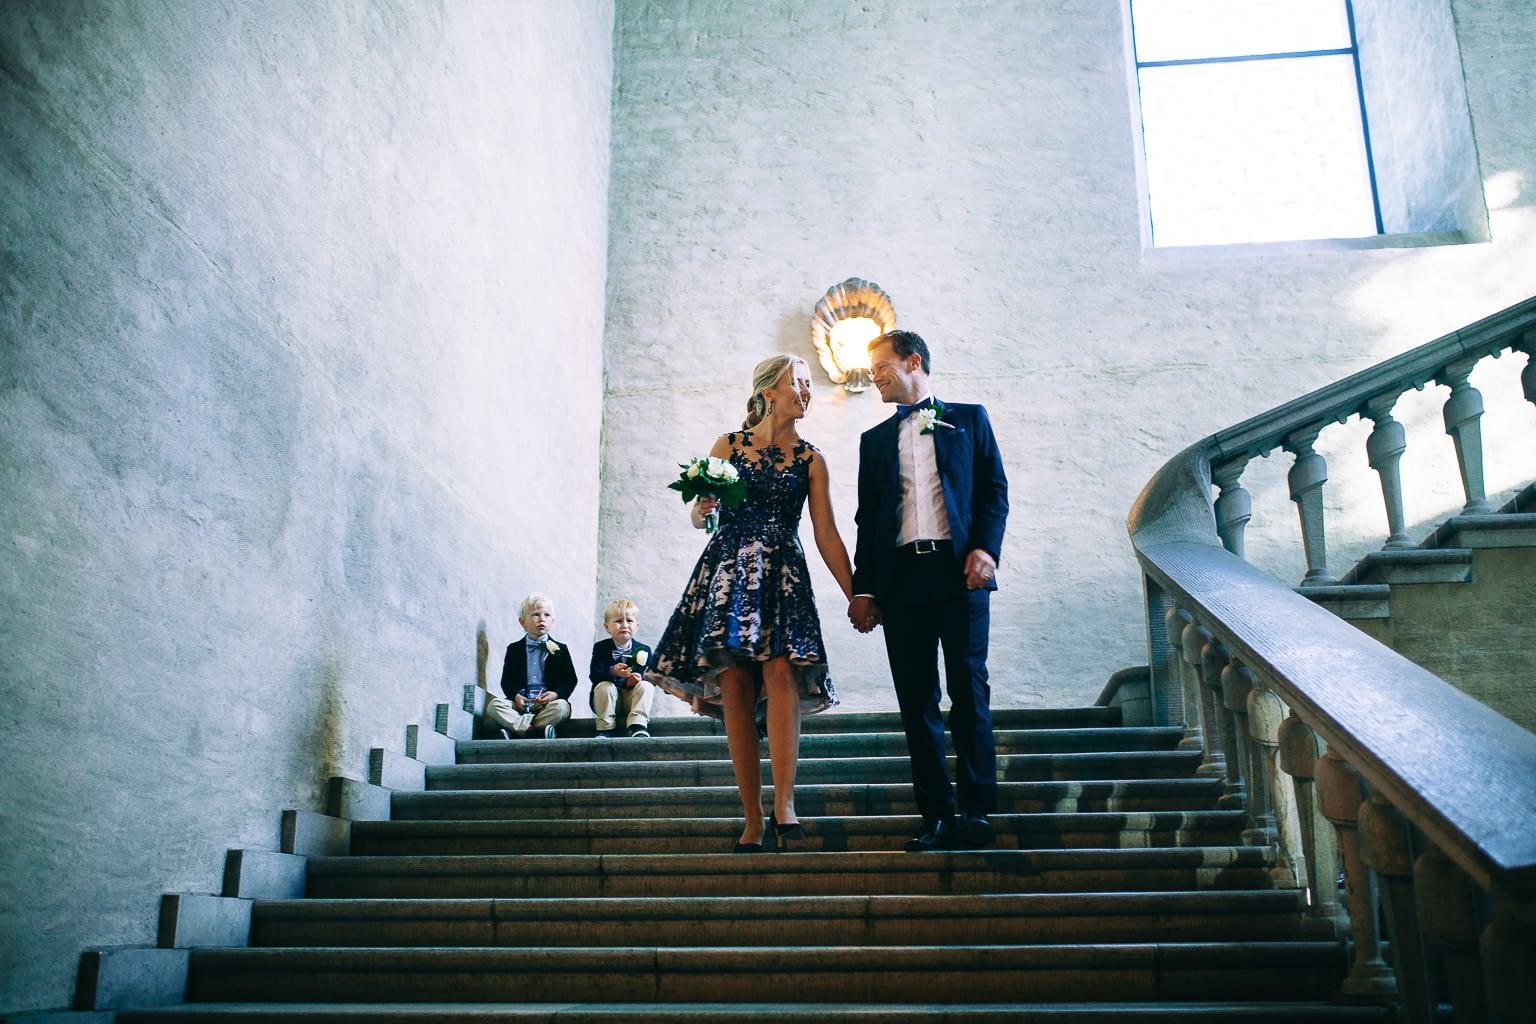 les jeunes mariés rennes descendent les escaliers de l'églisemariees descende